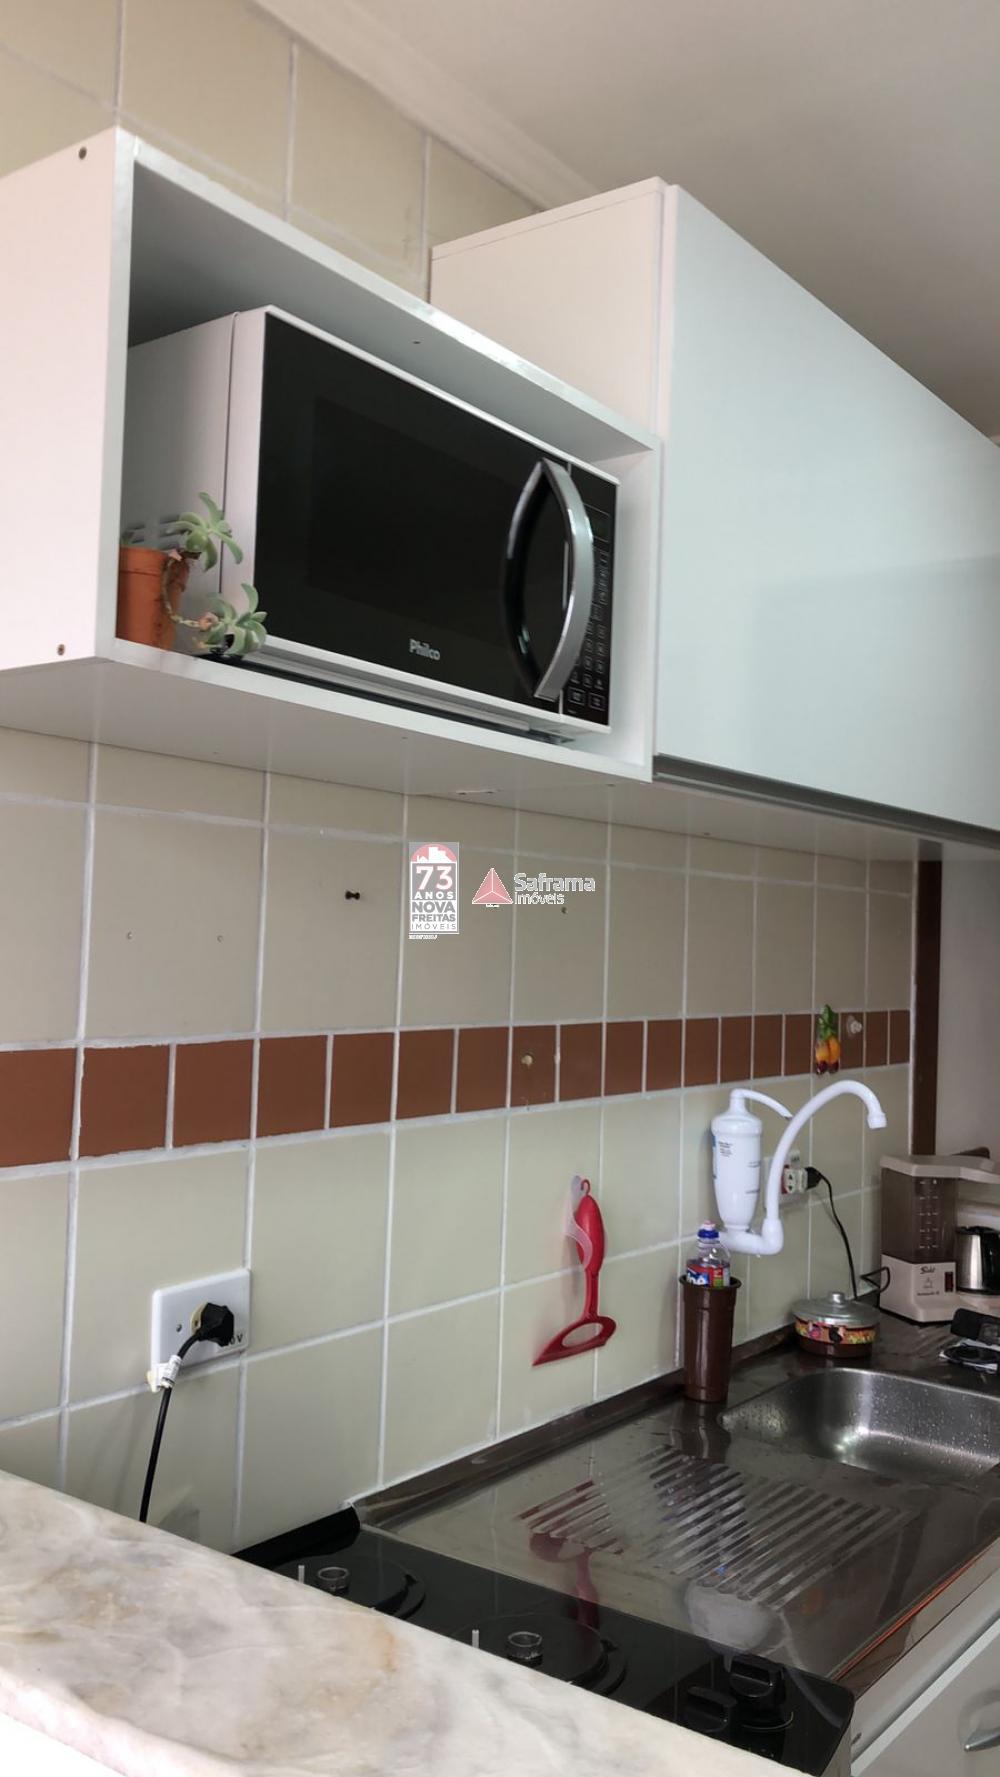 Comprar Apartamento / Padrão em Caraguatatuba R$ 300.000,00 - Foto 8